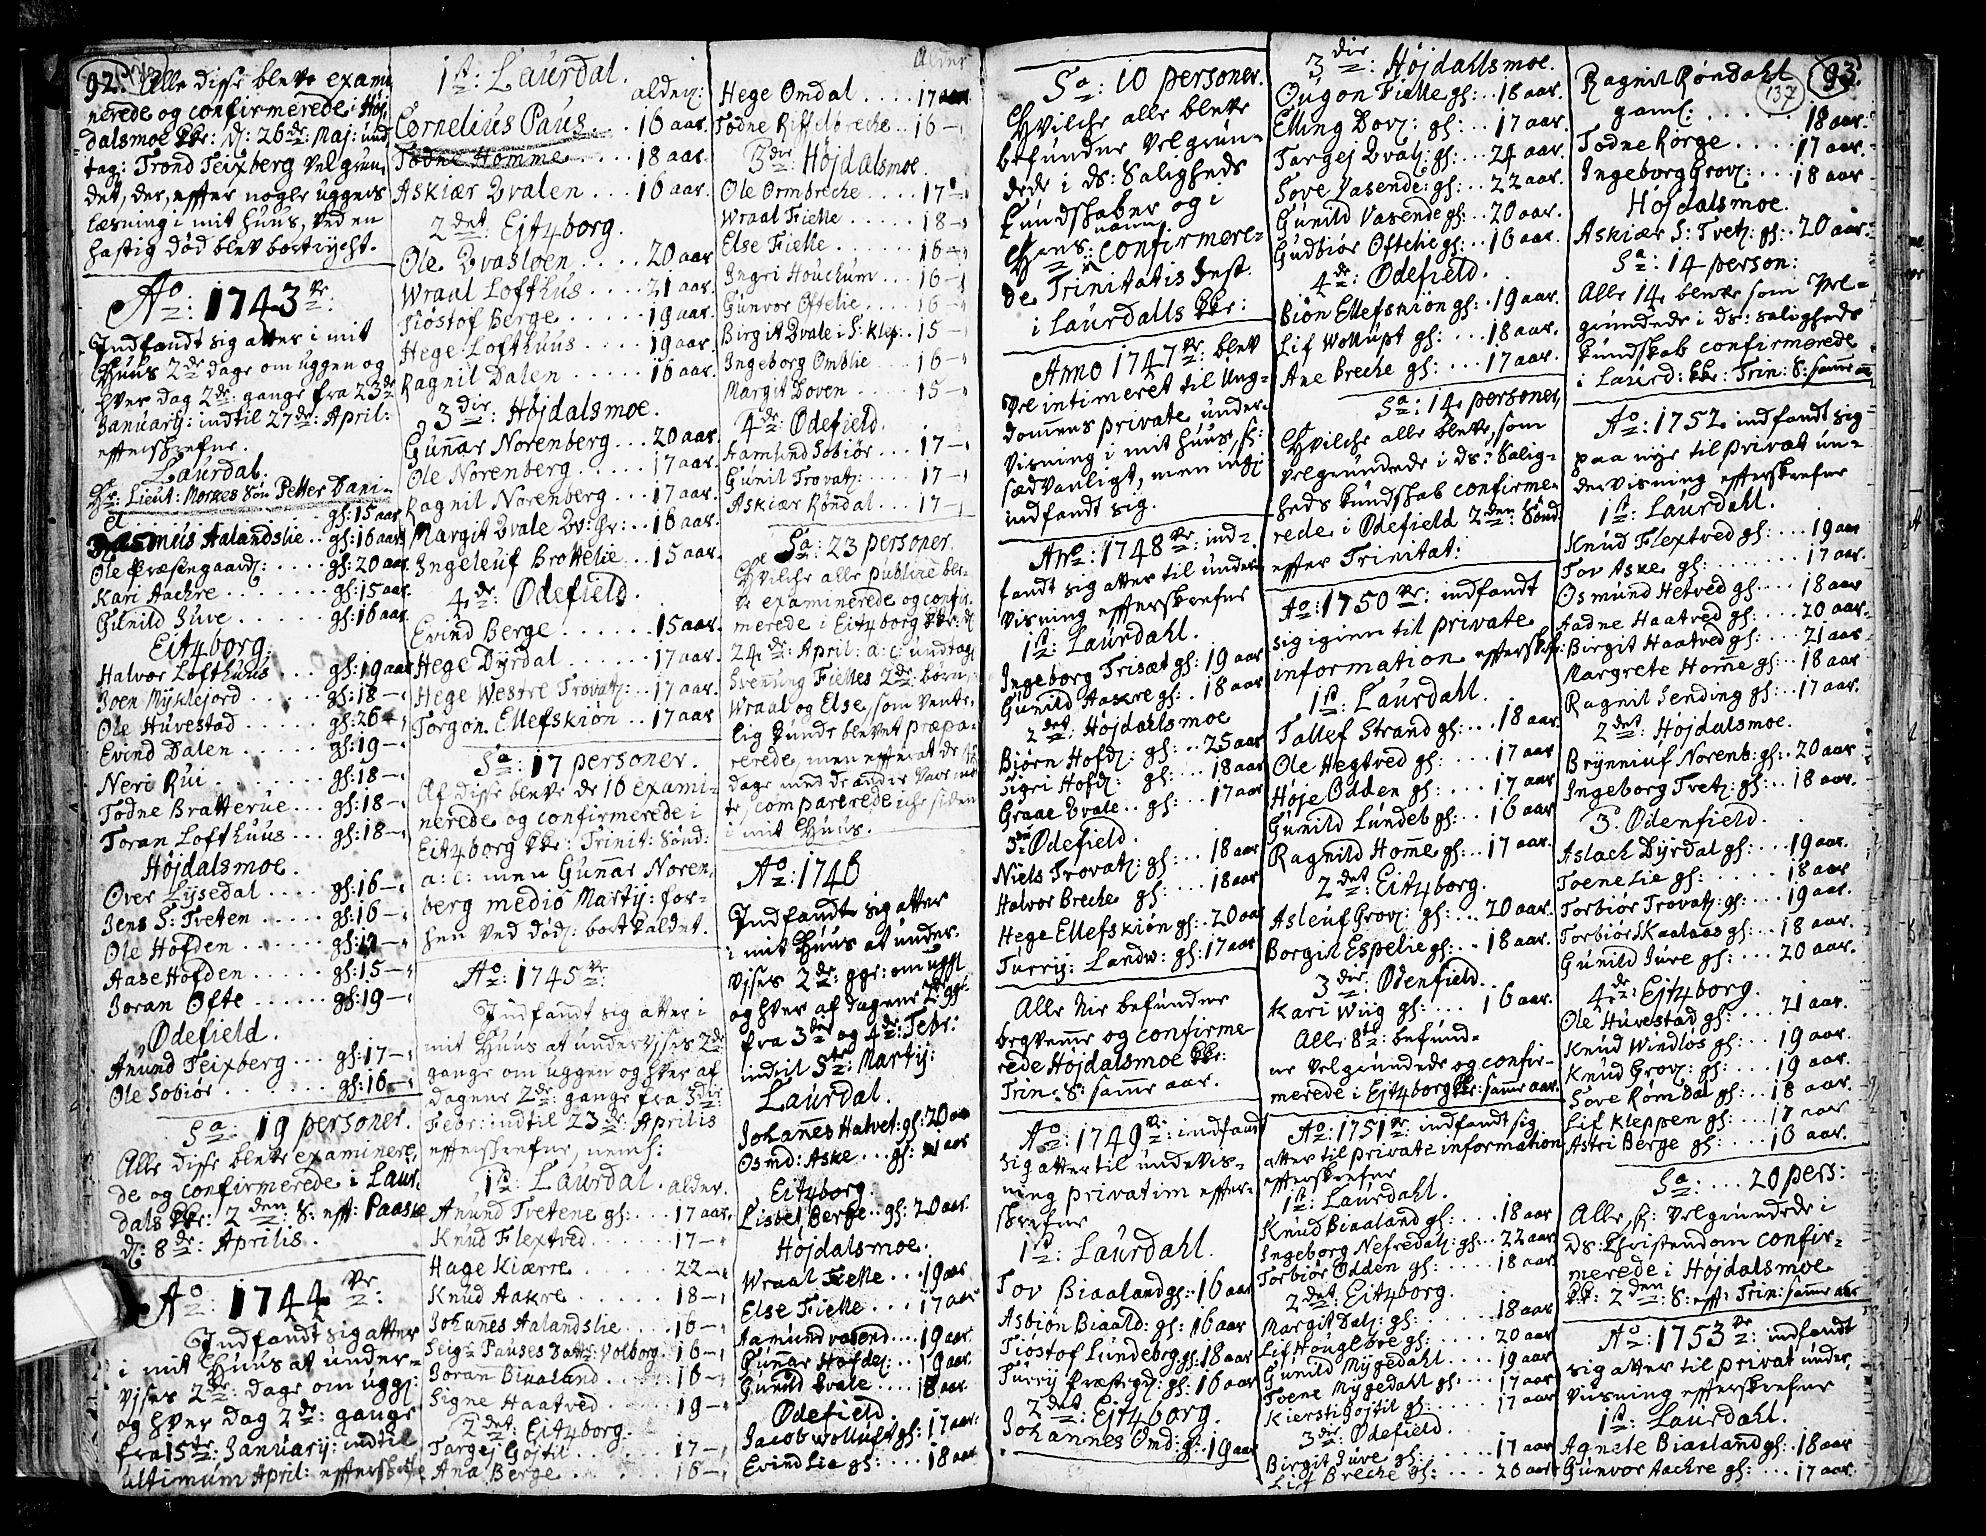 SAKO, Lårdal kirkebøker, F/Fa/L0002: Ministerialbok nr. I 2, 1734-1754, s. 136-137